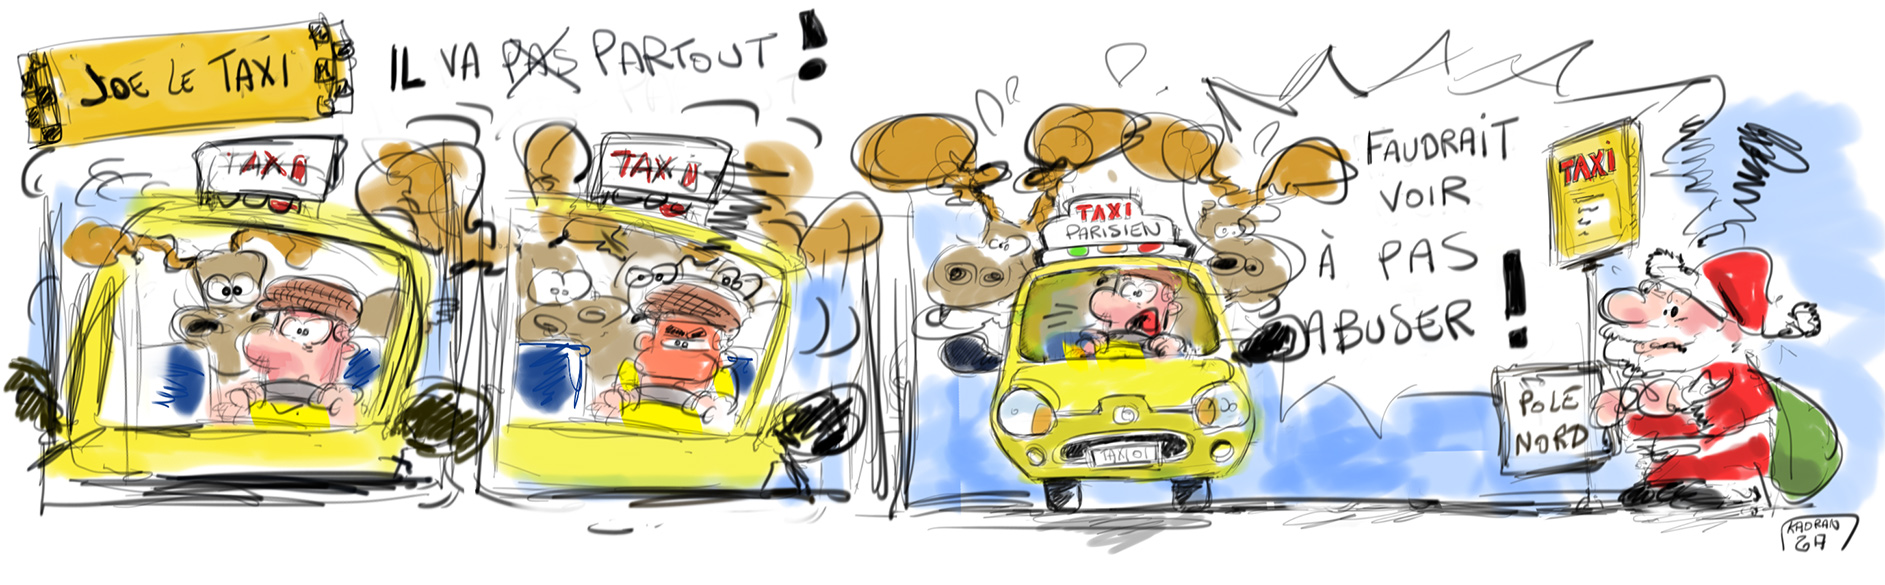 comic-taxi-2